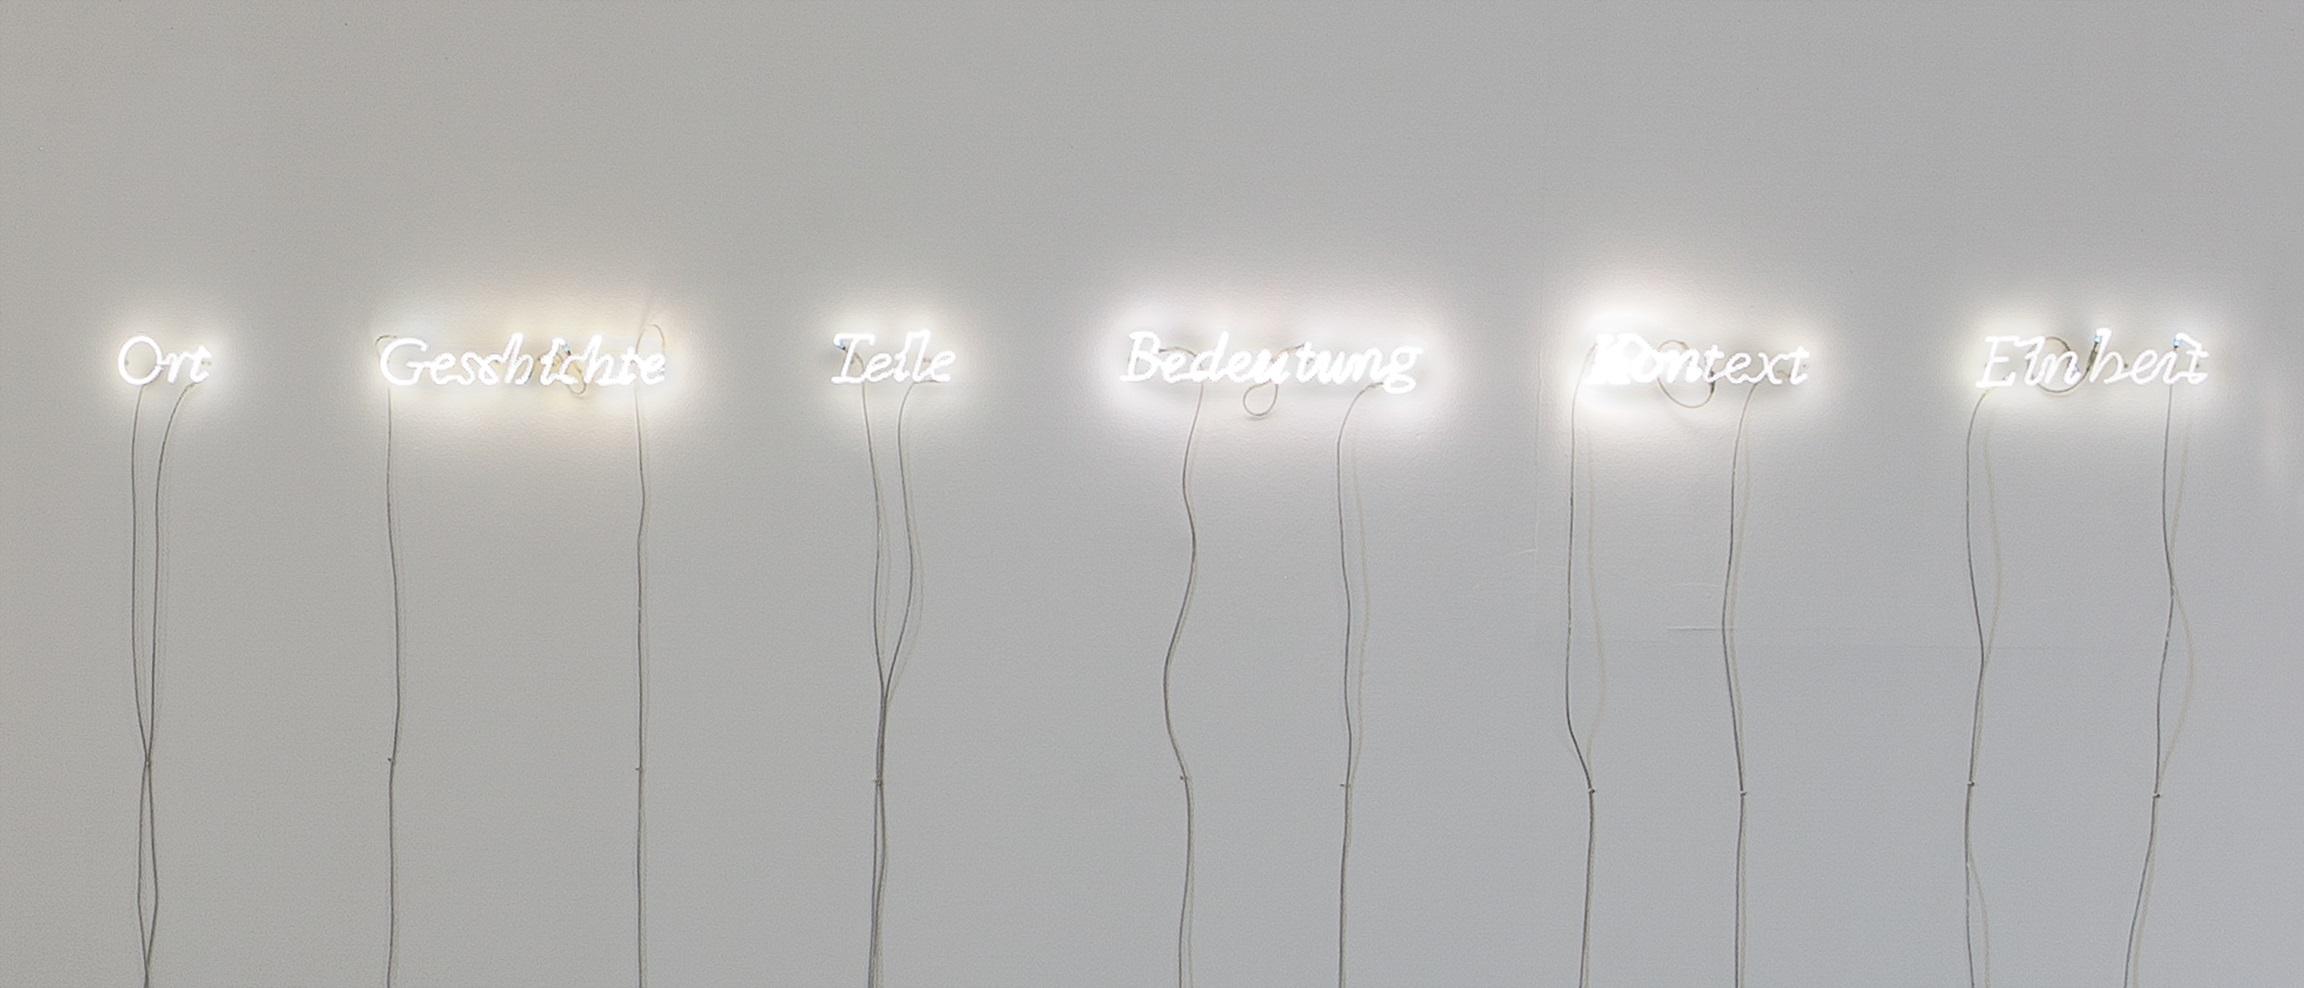 Joseph Kosuth (*1945), Sechs Teile, lokalisiert (Ort – Teile – Einheit – Kontext – Bedeutung – Geschichte), 2000 Ⓒ VG Bild-Kunst, Bonn 2019, Foto: Kunsthalle Mannheim/ Cem Yücetas